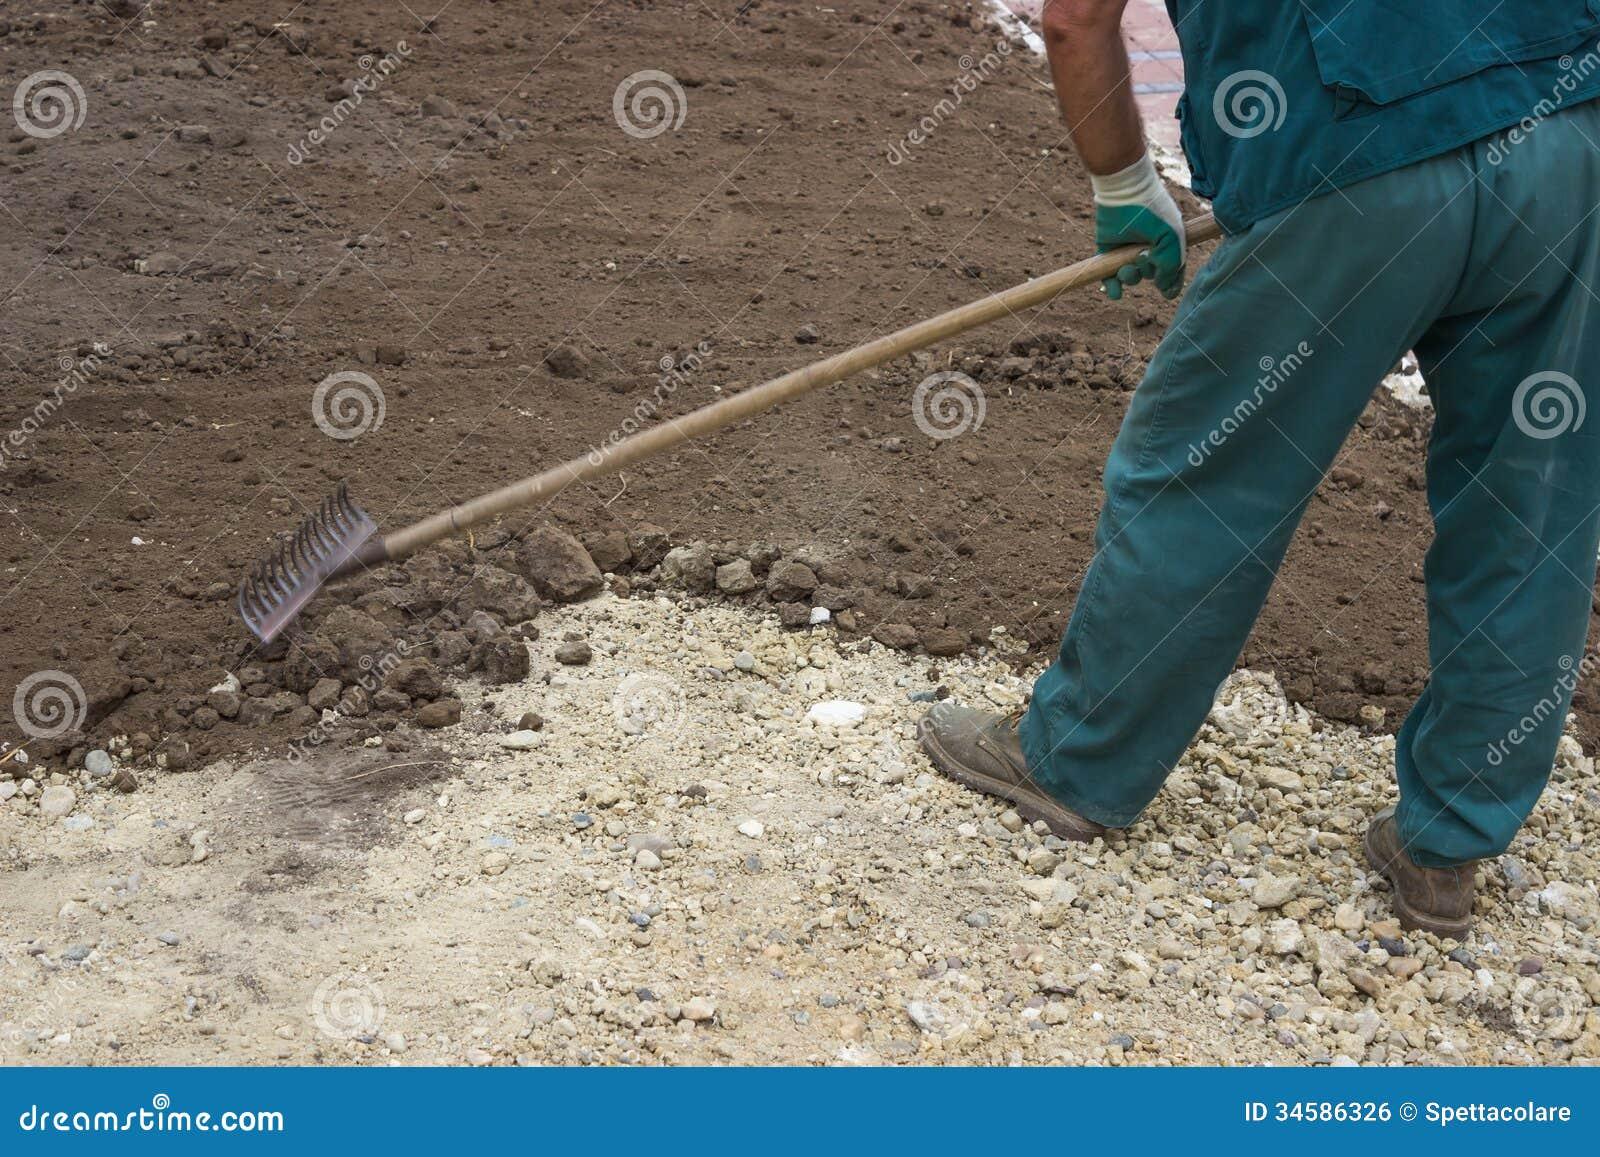 yard leveling work 2 royalty free stock image image 34586326